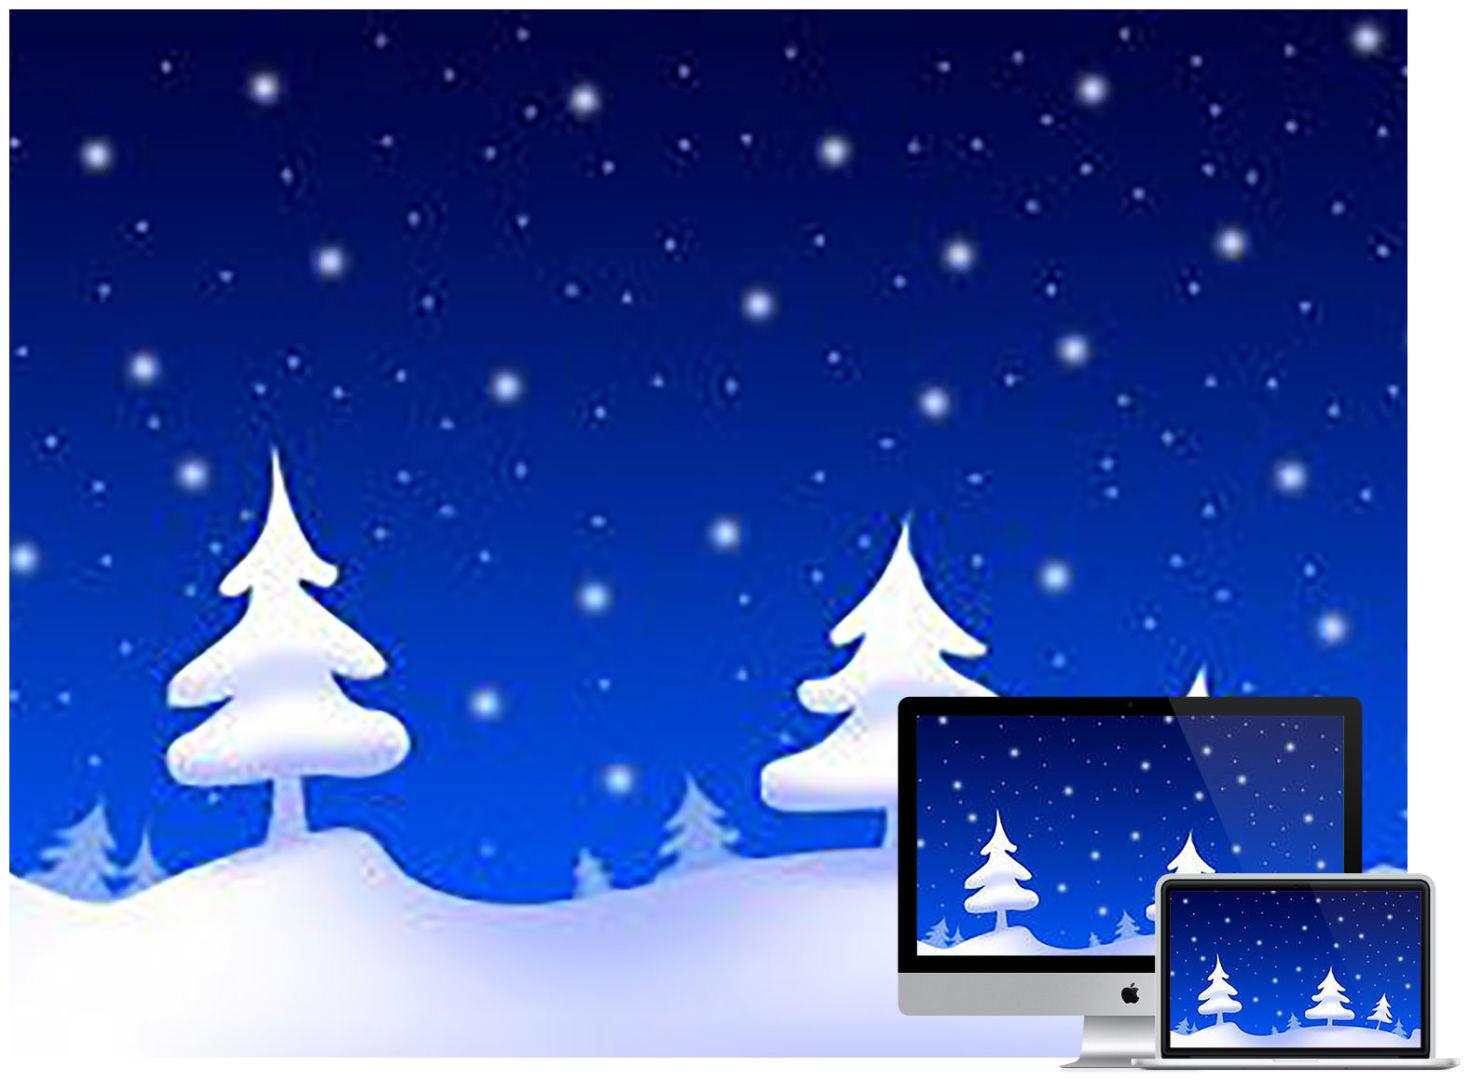 holiday_cheer_winter_night